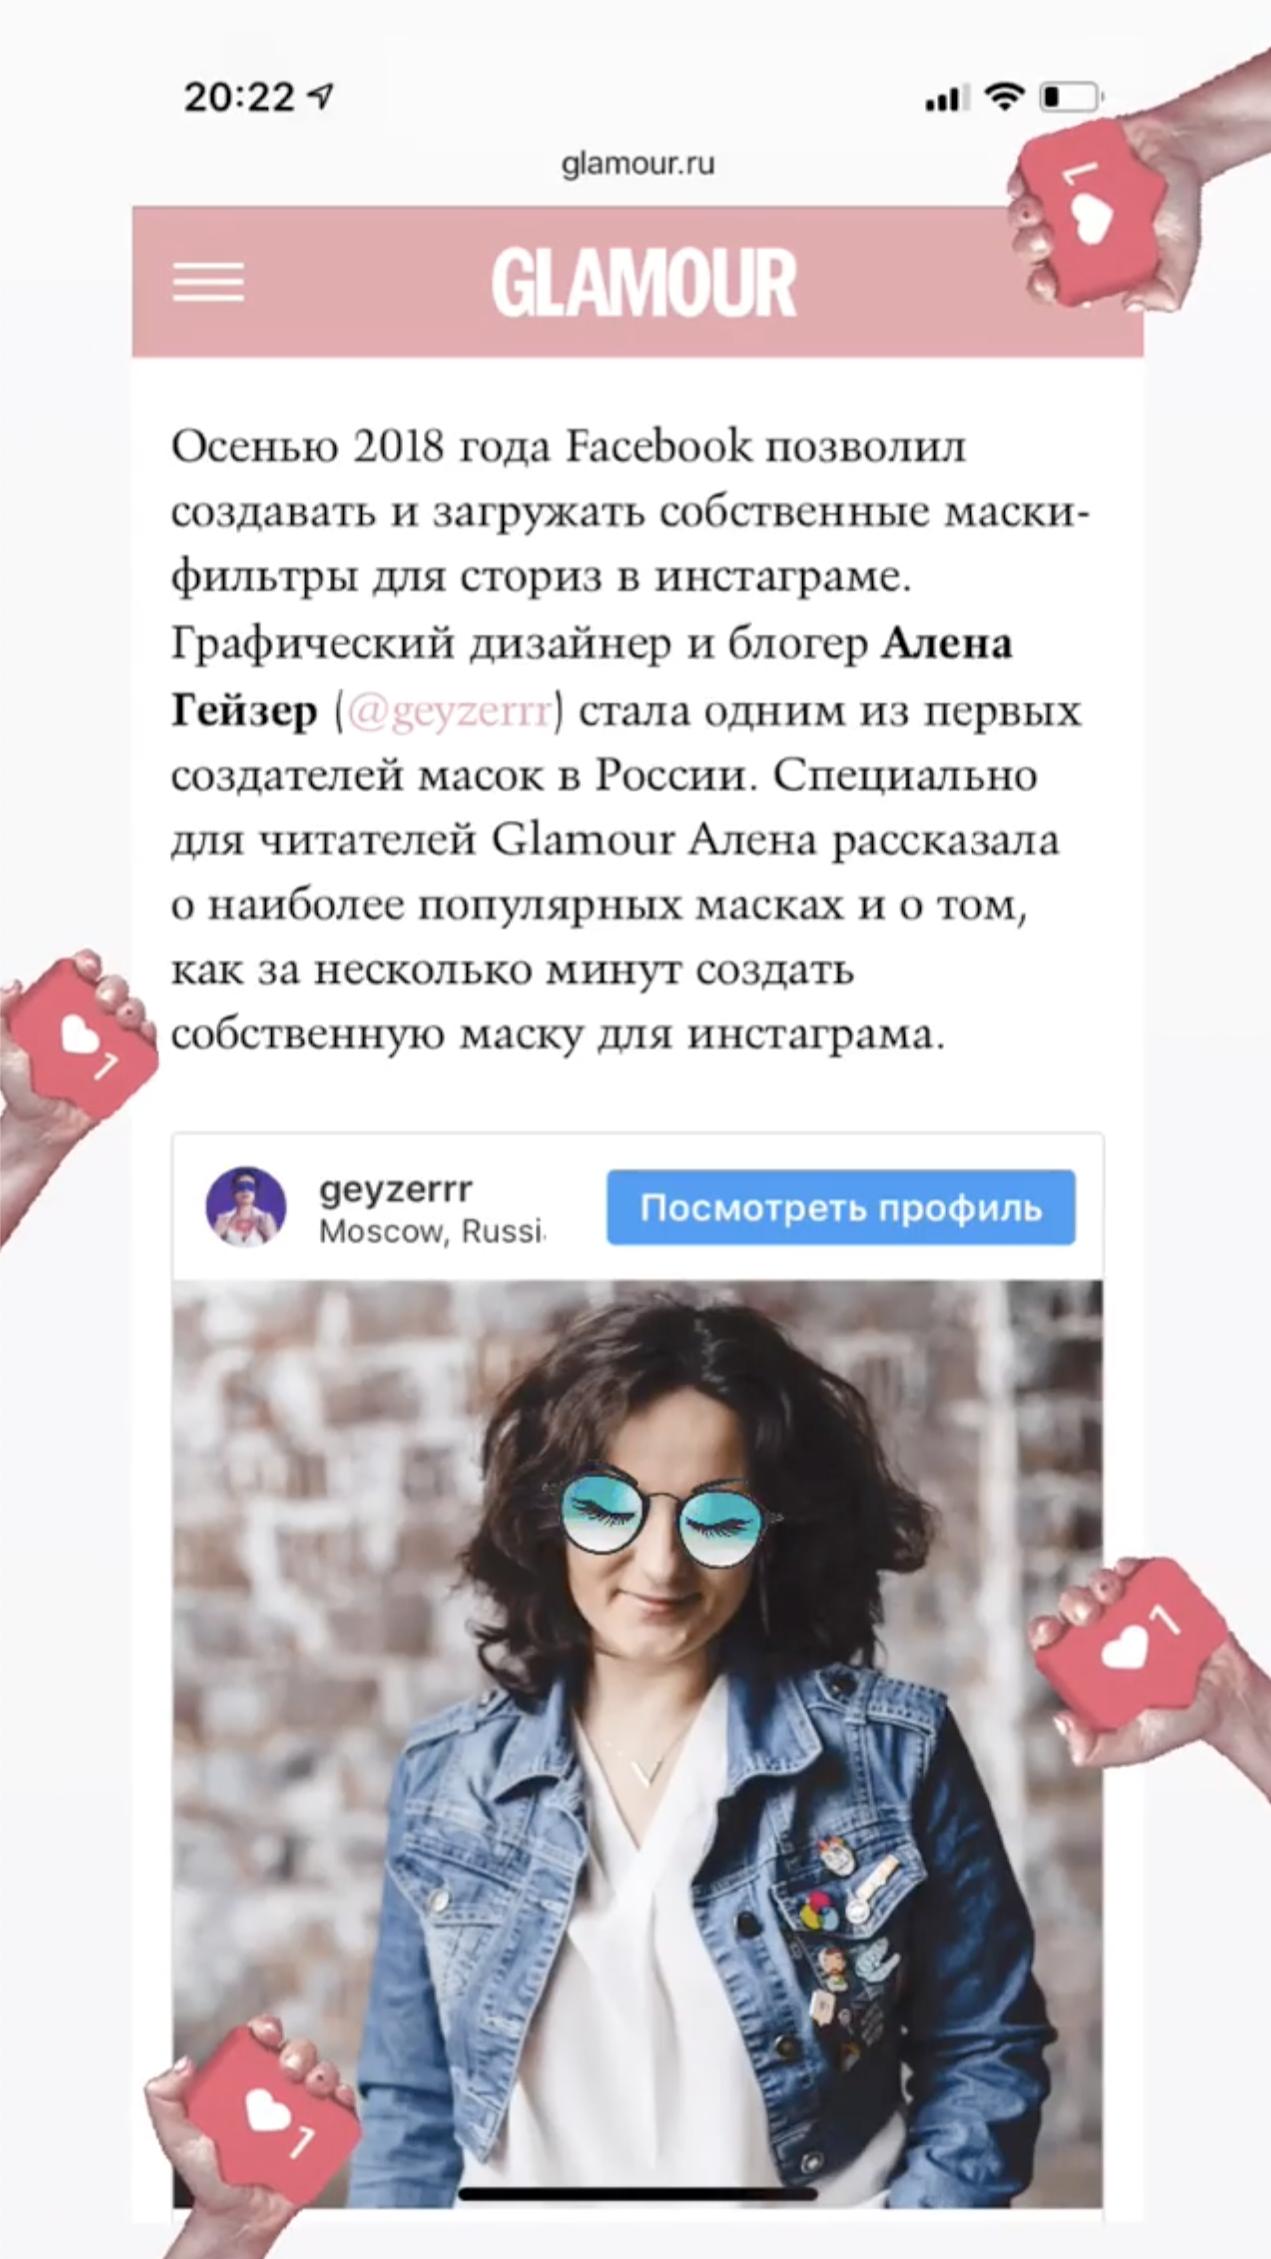 создать маску для инстаграма